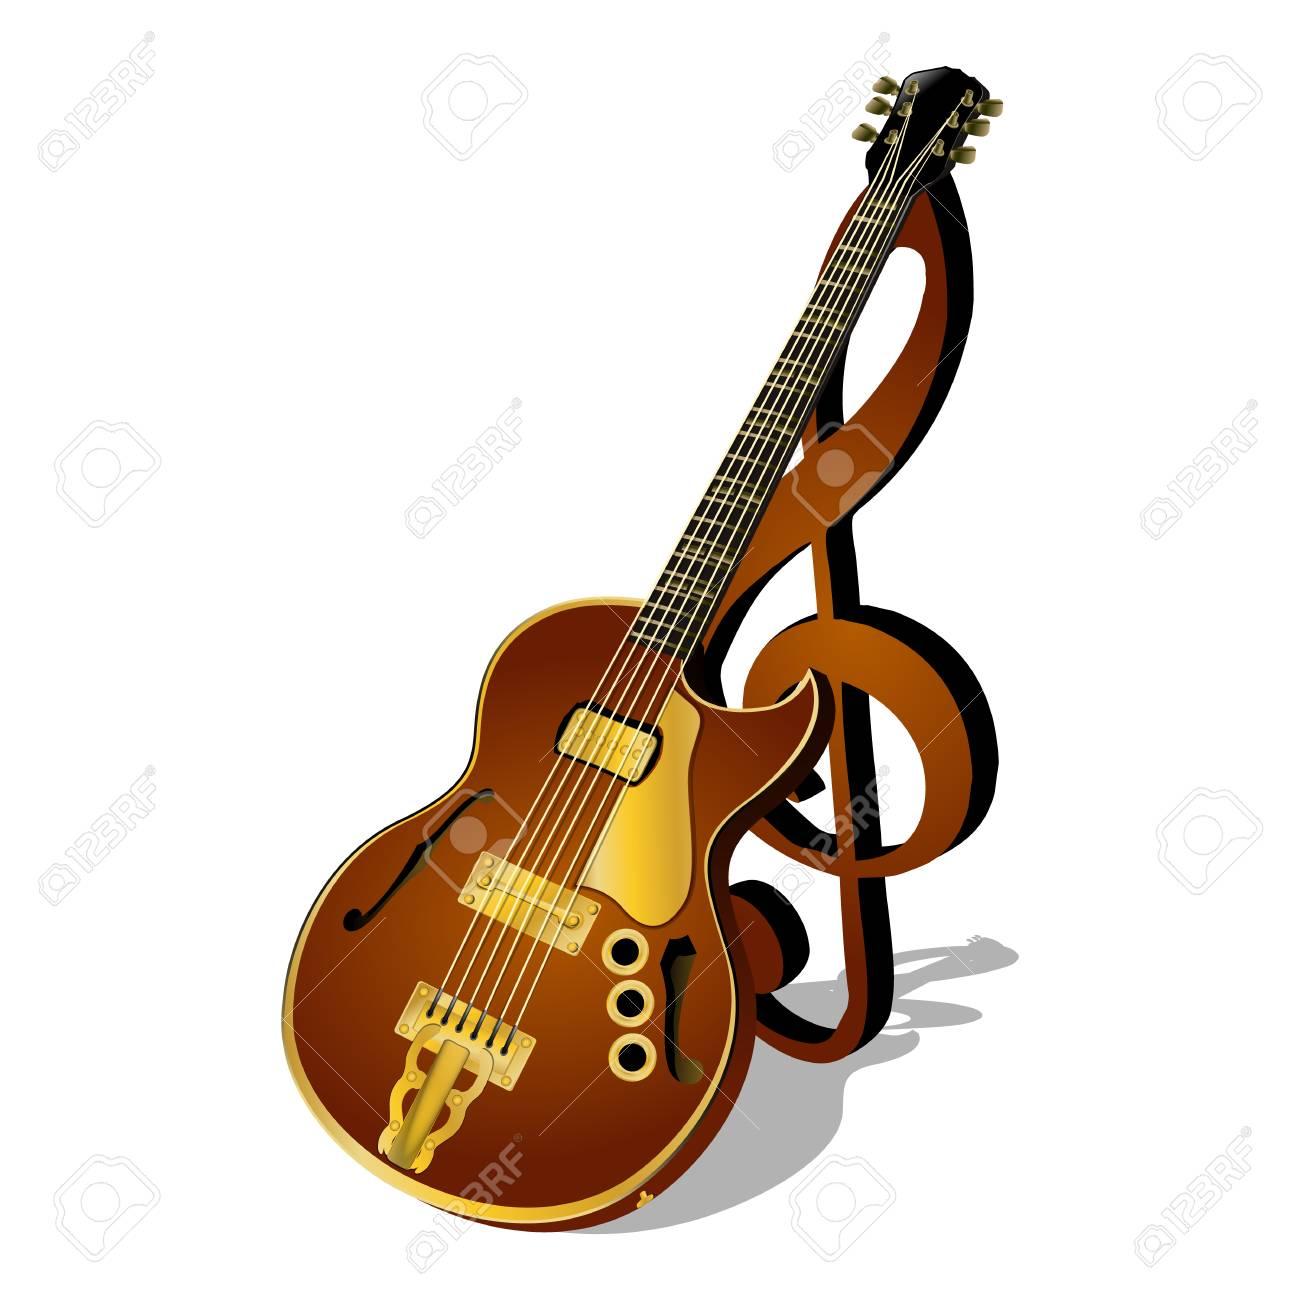 Ilustración Vectorial De Una Guitarra De Jazz Con Una Clave De Sol Y Aislados Sombra Cartel Modelo Objeto O Cartelera